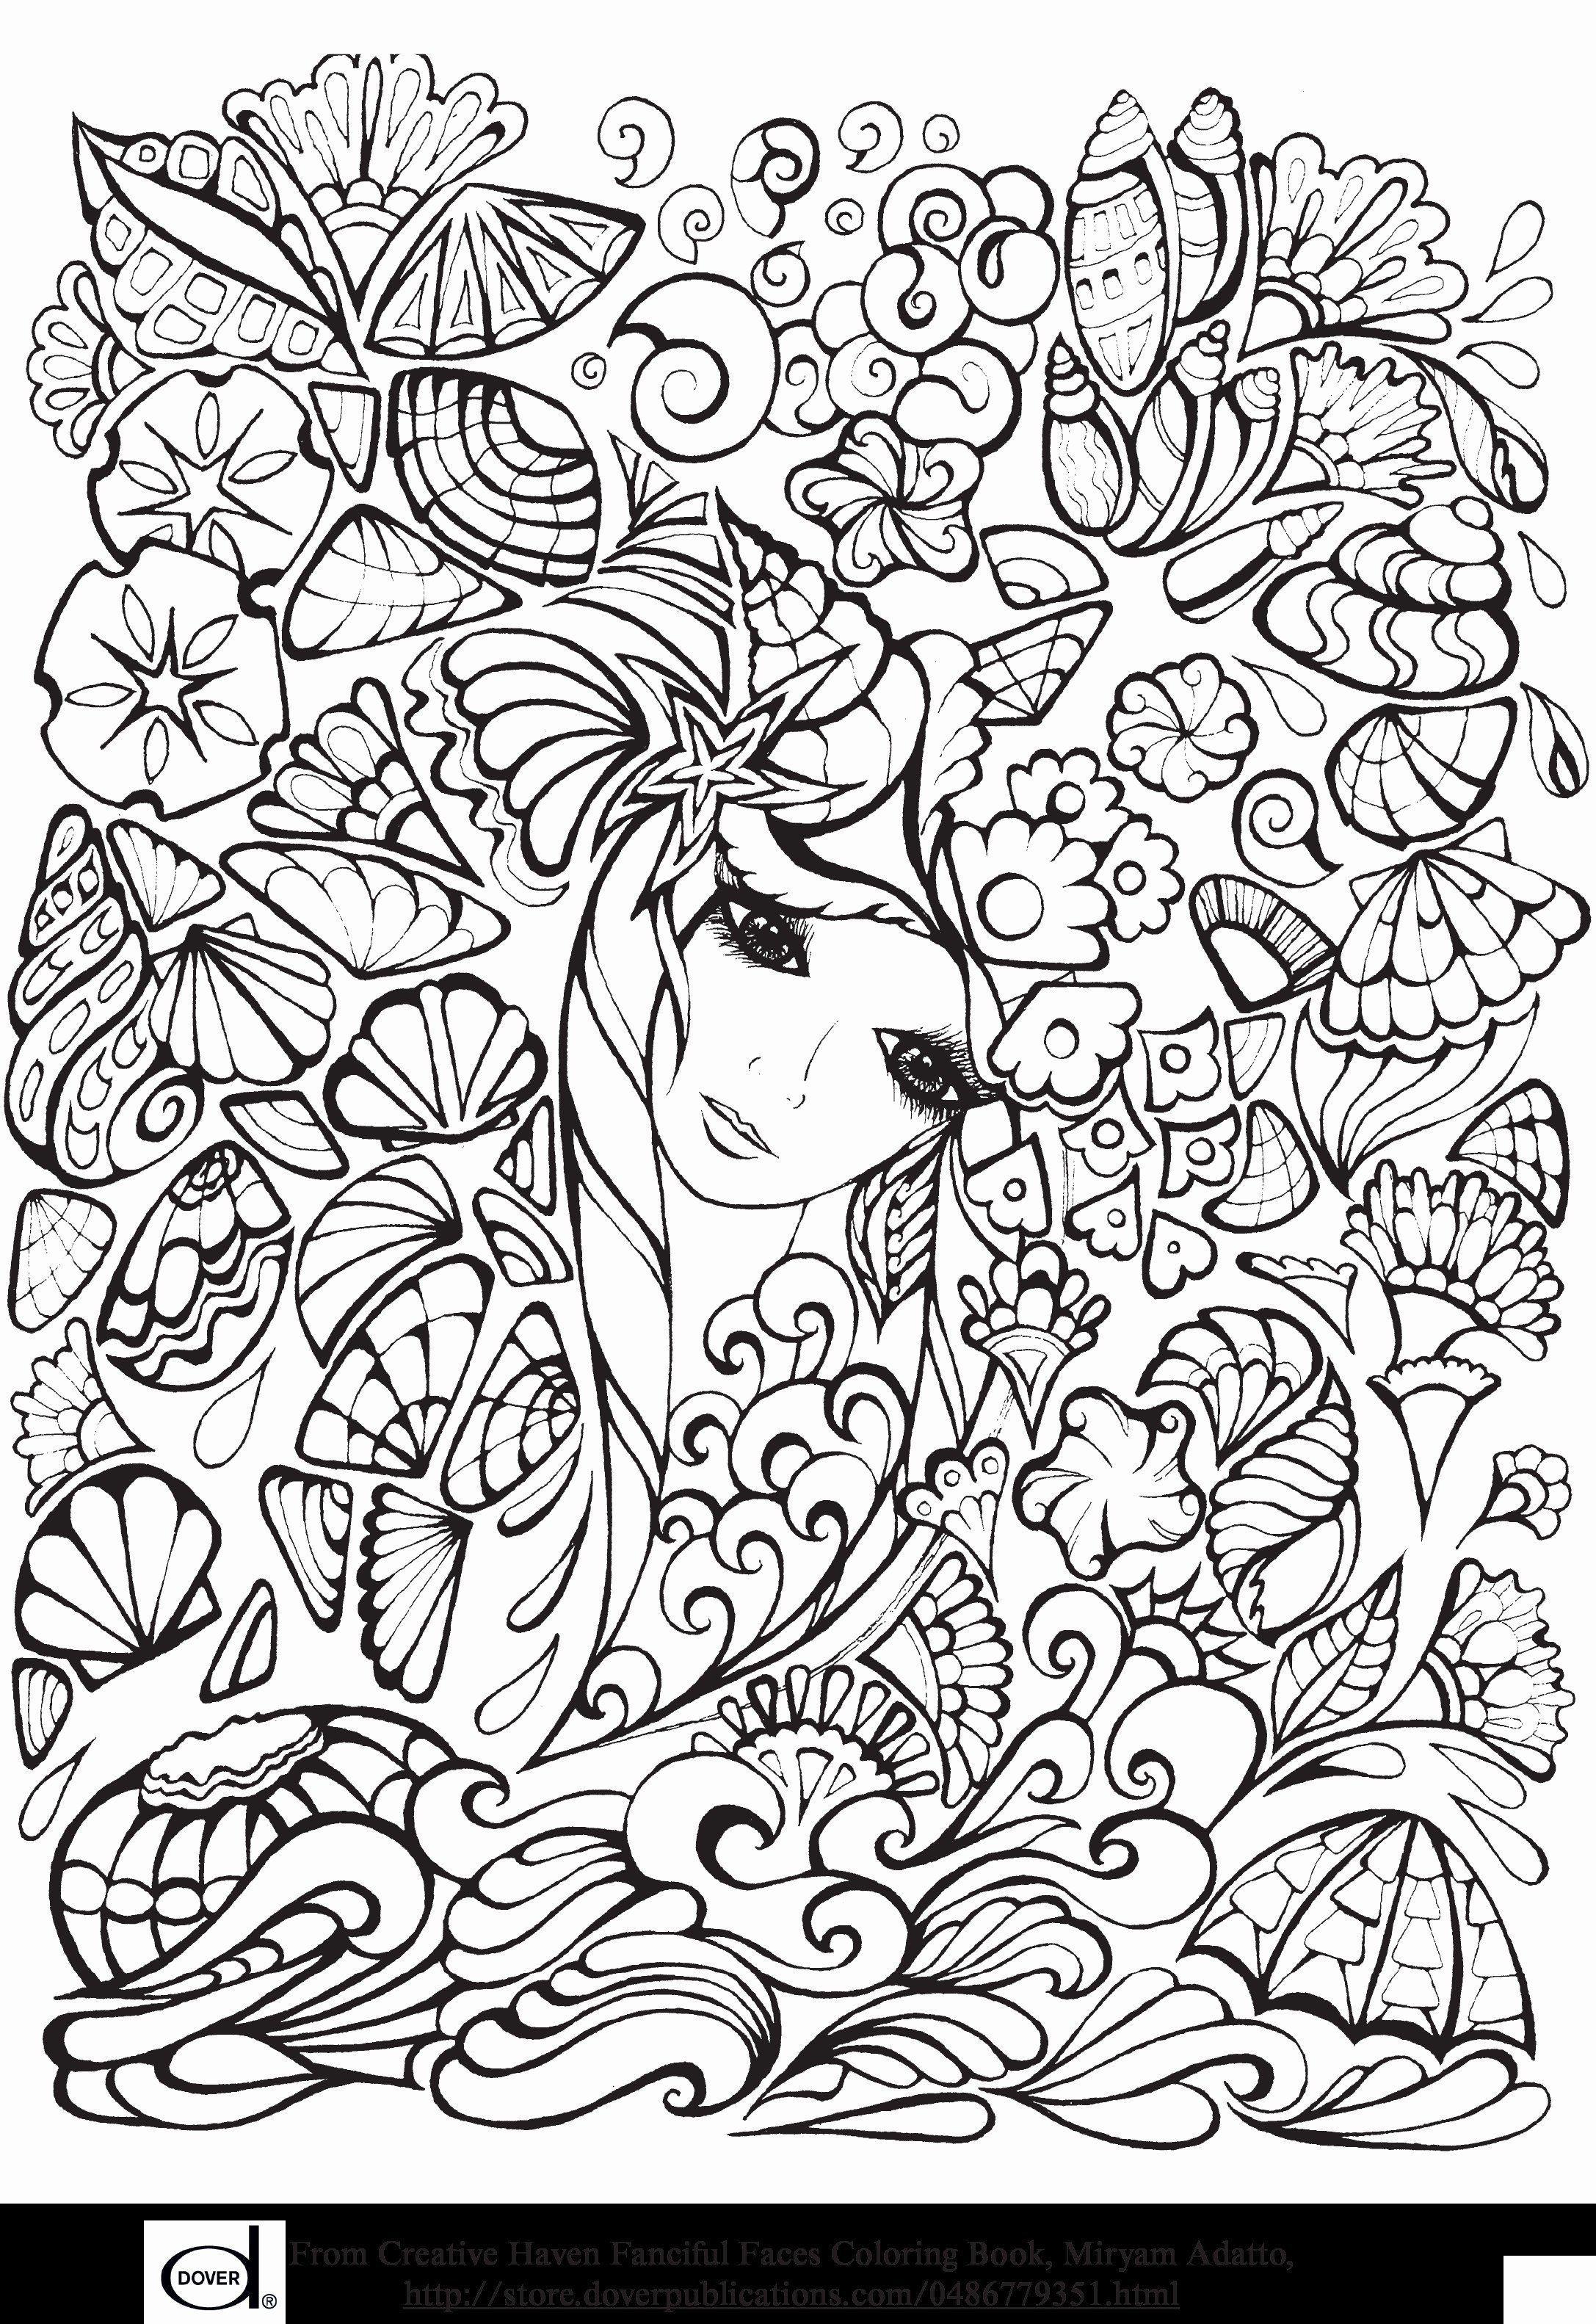 Christmas Coloring Pages 40 Printable Christmas Coloring Etsy Disney Princess Coloring Pages Princess Coloring Pages Tinkerbell Coloring Pages